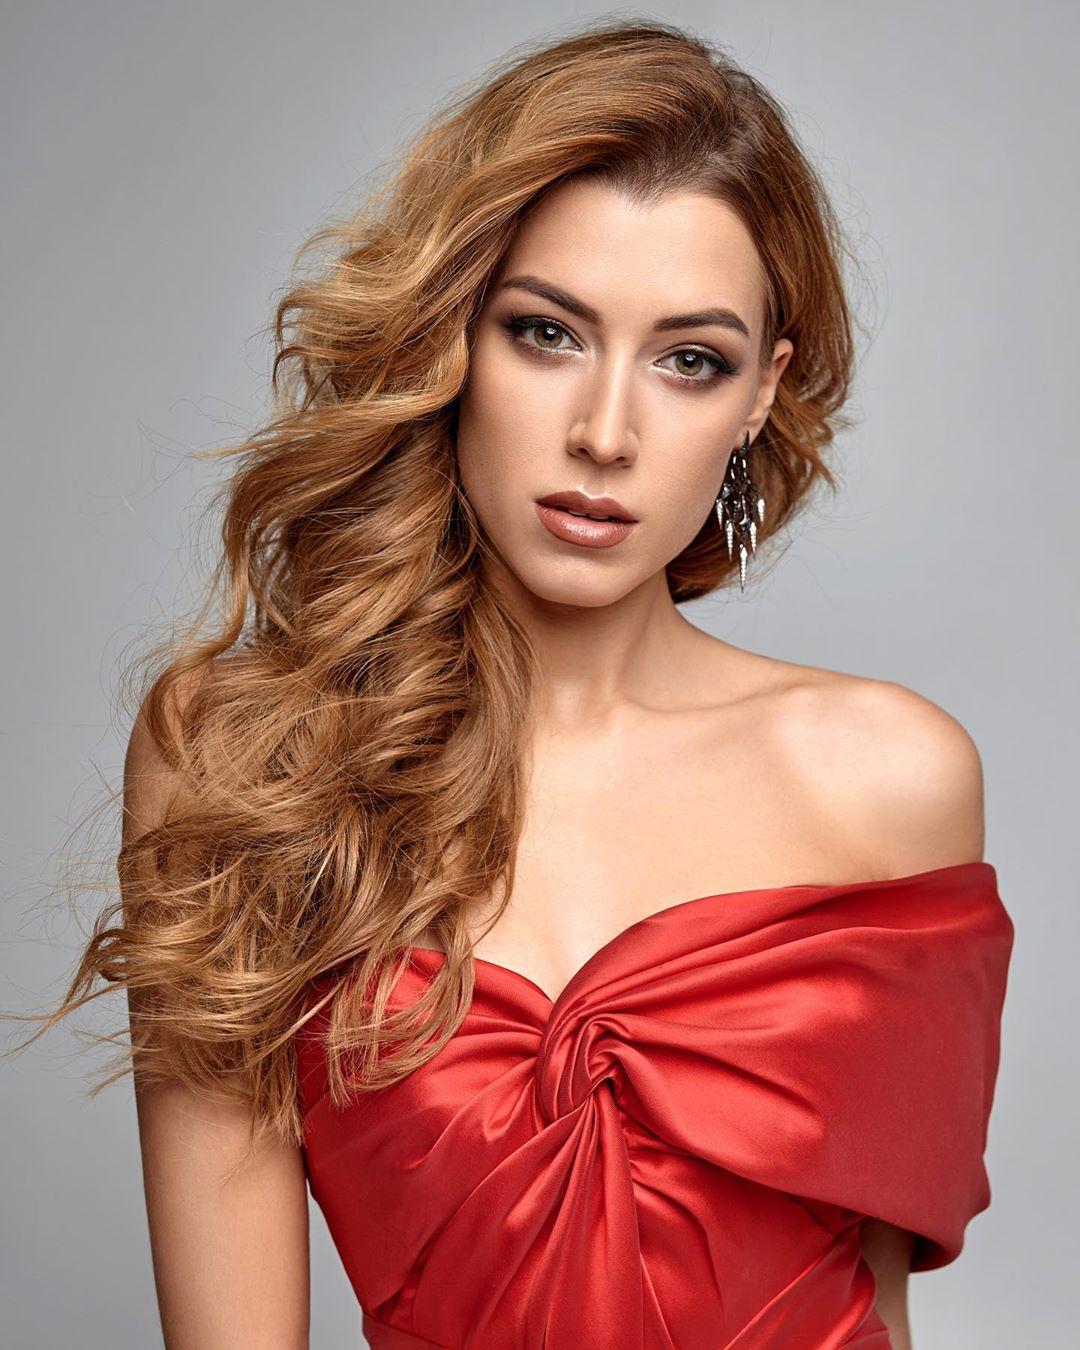 Мисс Украина Вселенная 2019: имя и яркие фото победительницы. Афиша Днепра.